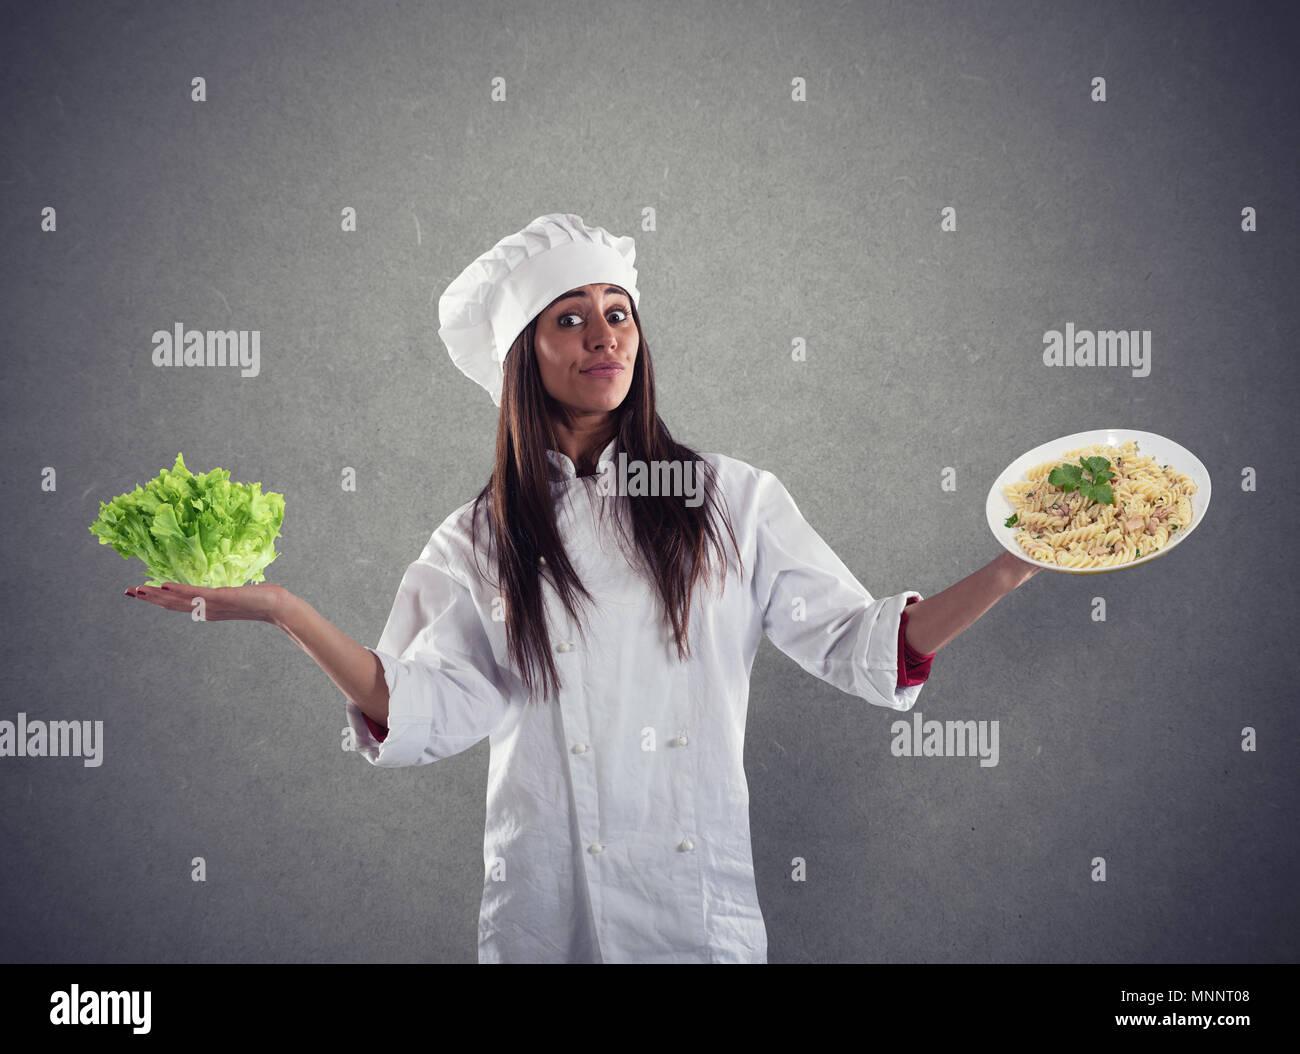 Lo Chef indecisi tra insalata fresca o un piatto di pasta Immagini Stock